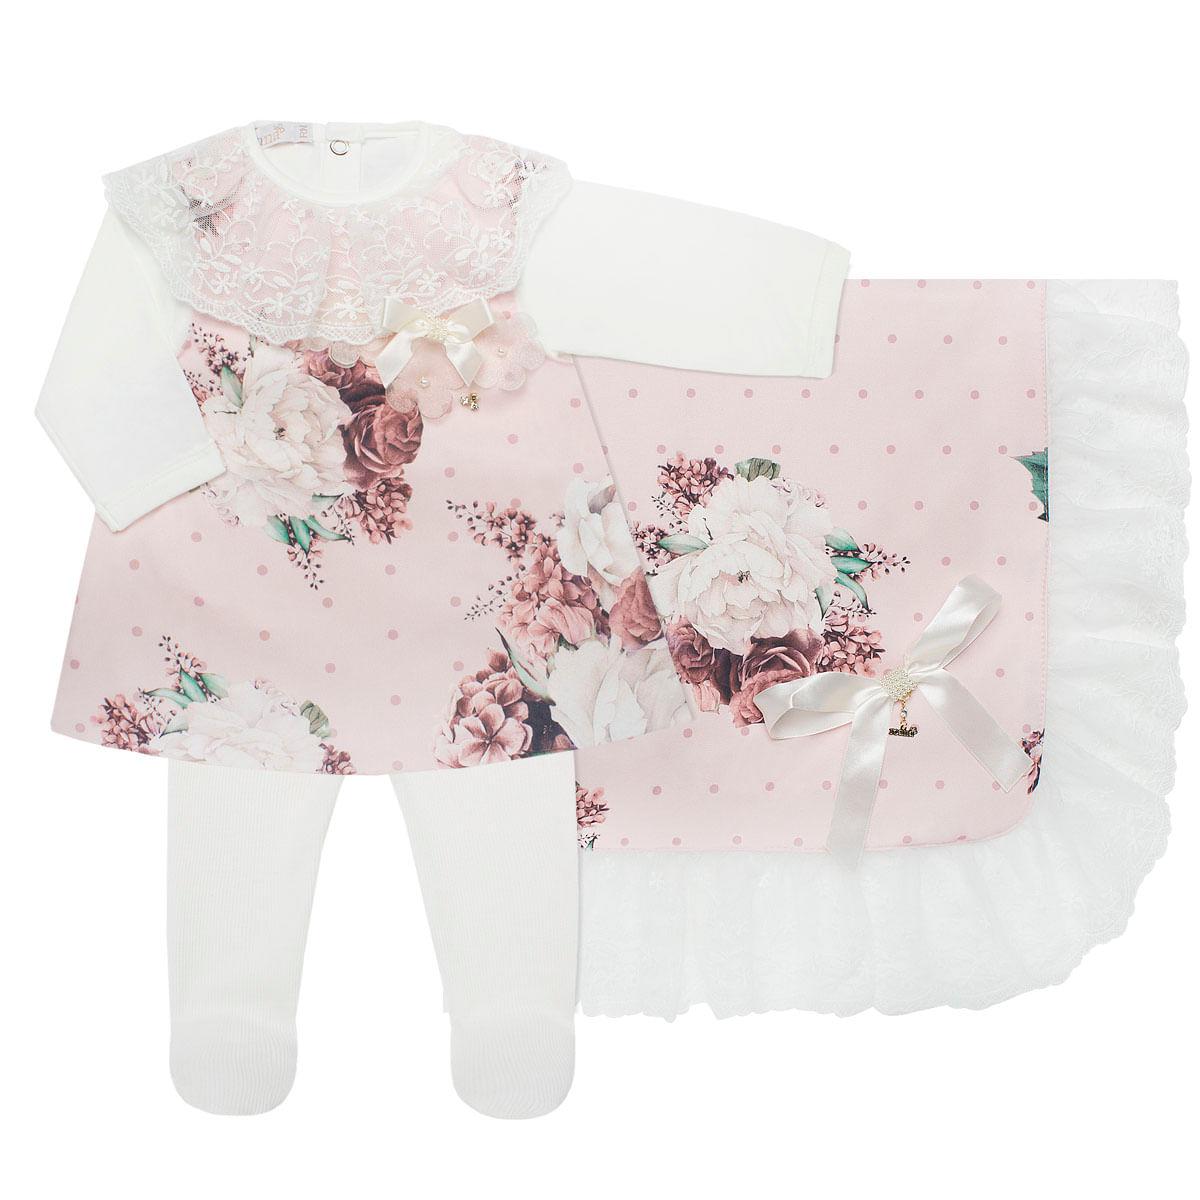 d71d3ee64 Saída Maternidade para bebê Bouquet: Vestido + Body longo + Calça + ...